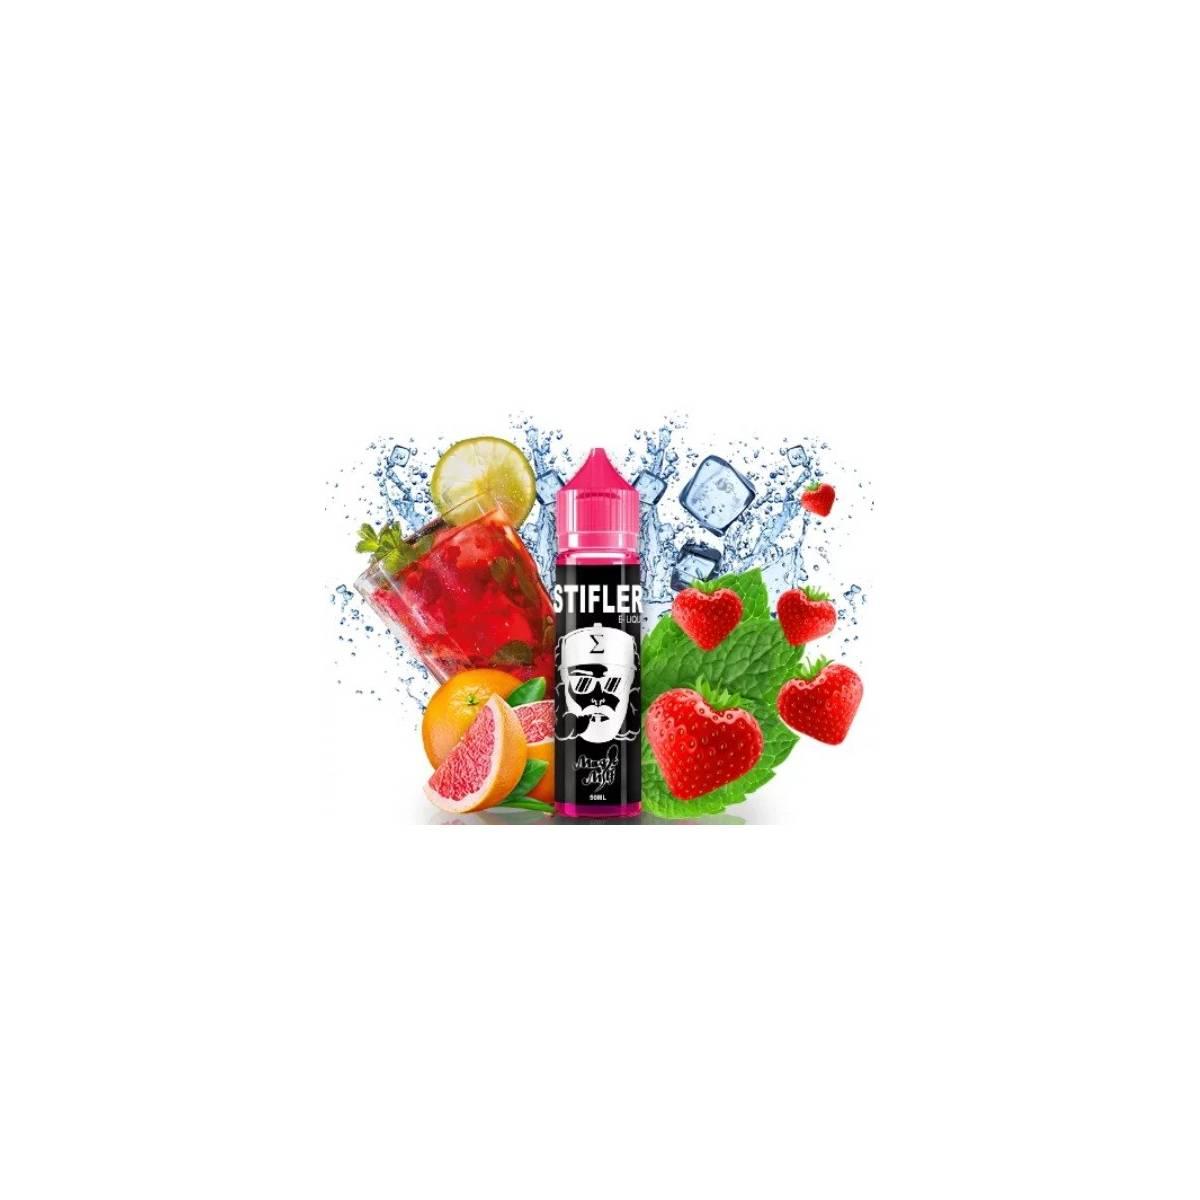 Stifler Magic Milf 50ml TPD -